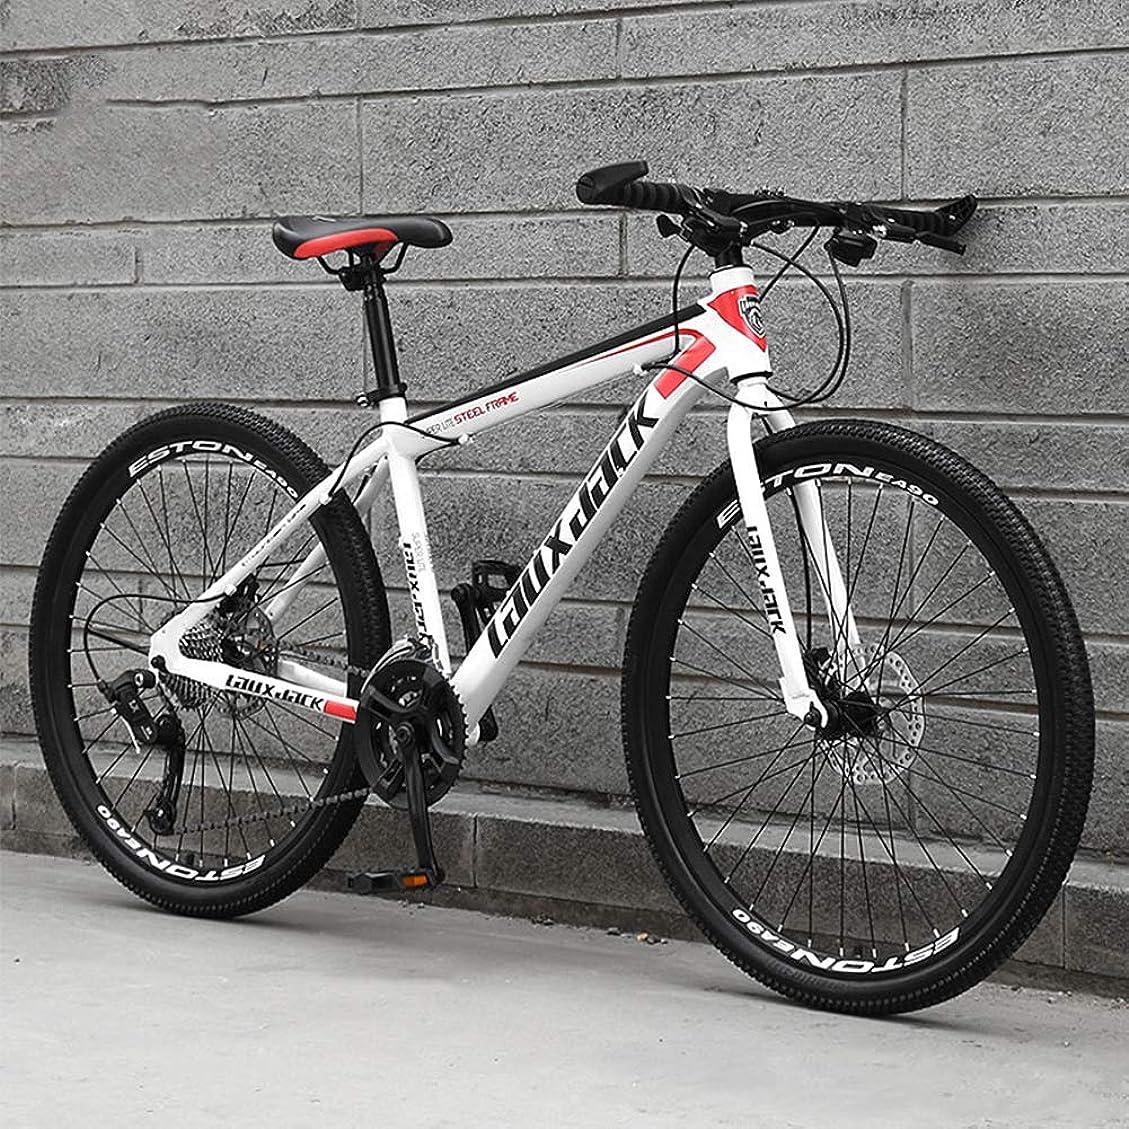 友だち同一の一般ロードバイク27スピードギアロード自転車デュアルディスクブレーキ自転車スポークホイール,24inch